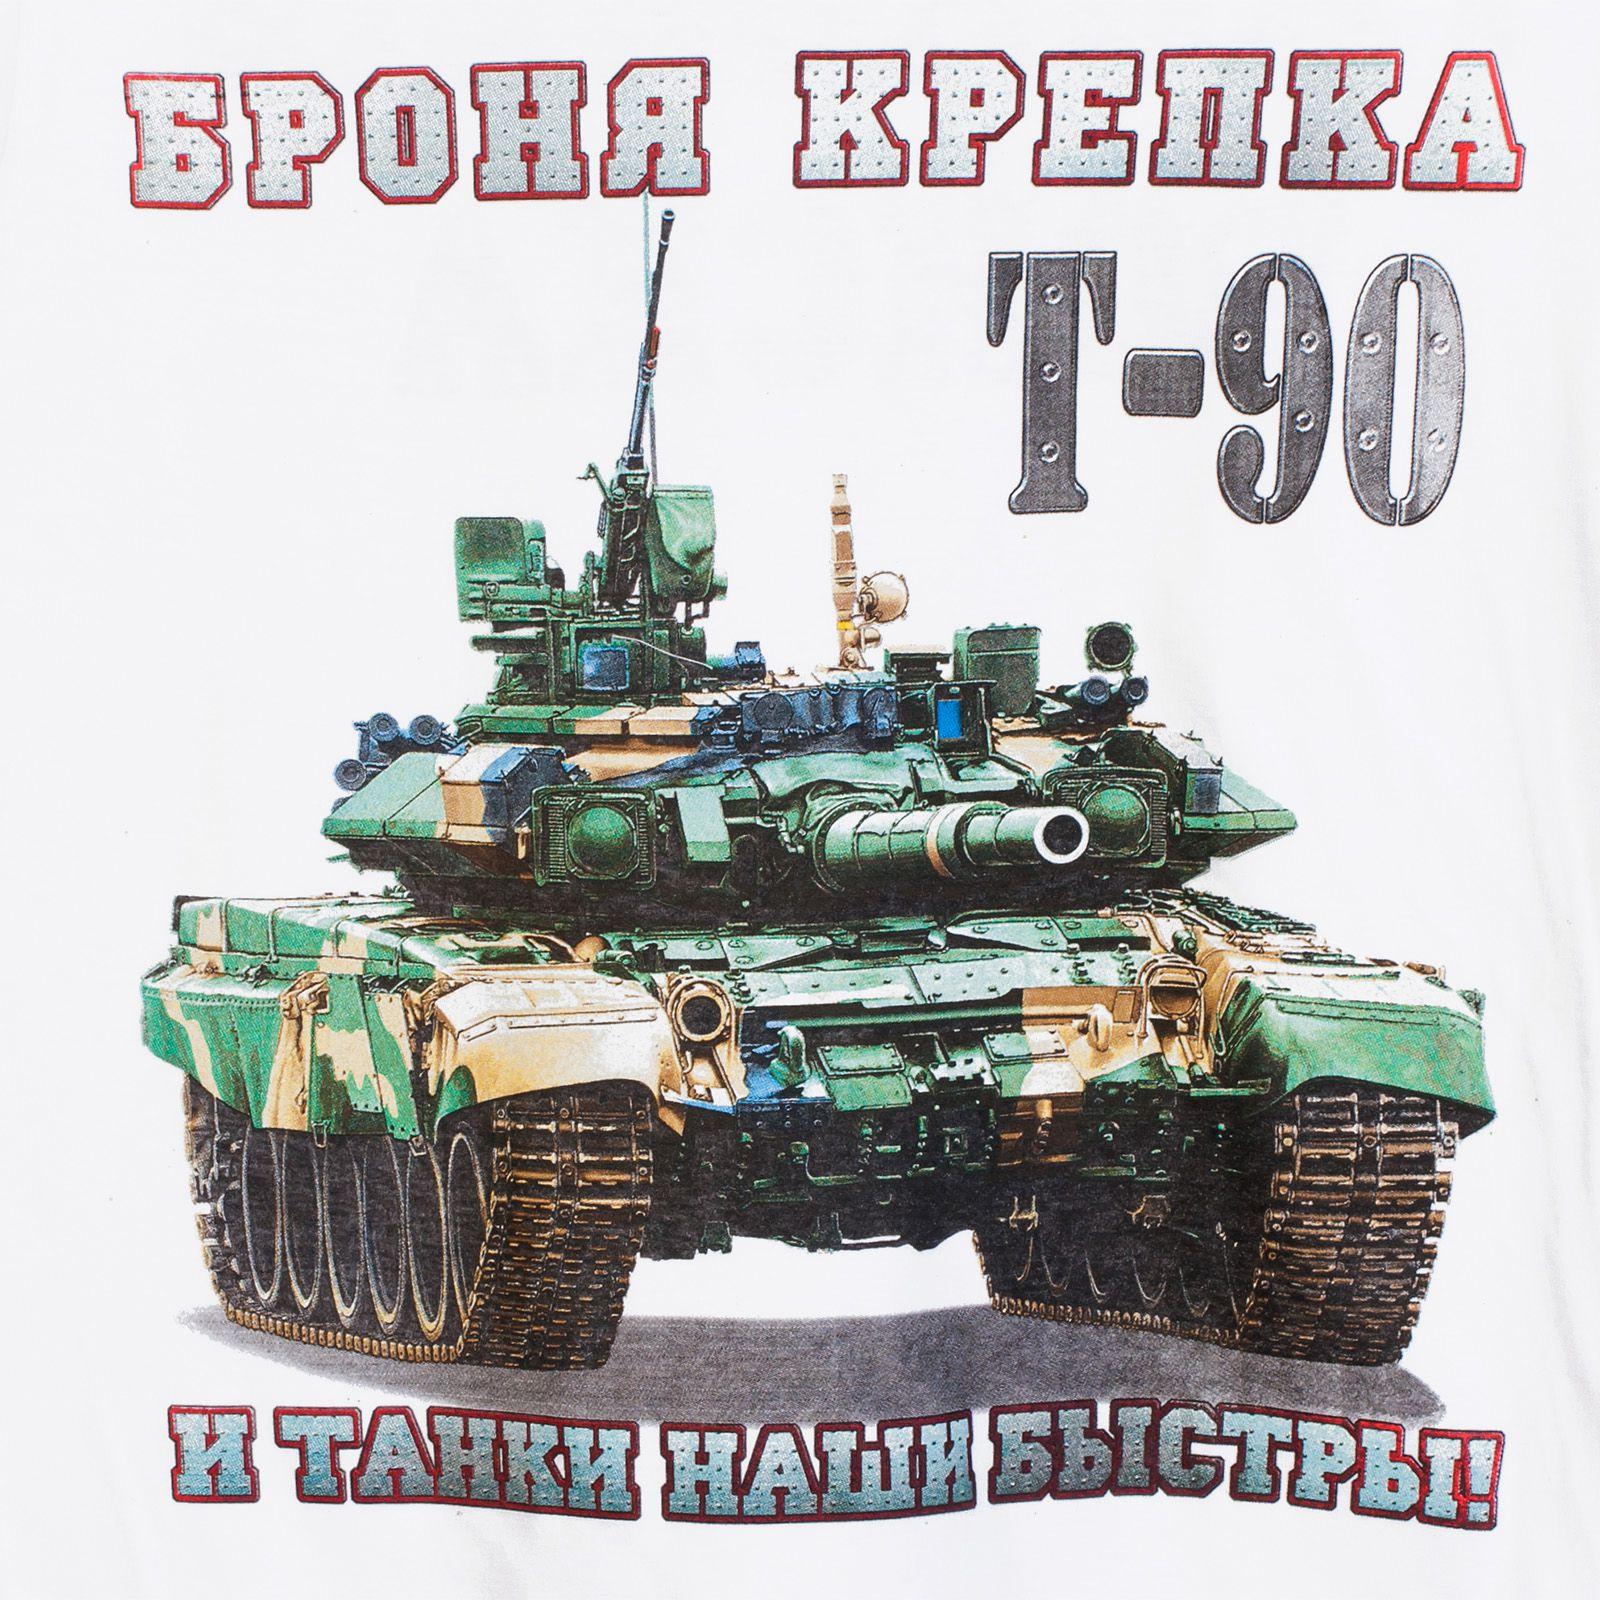 Белая футболка танкиста